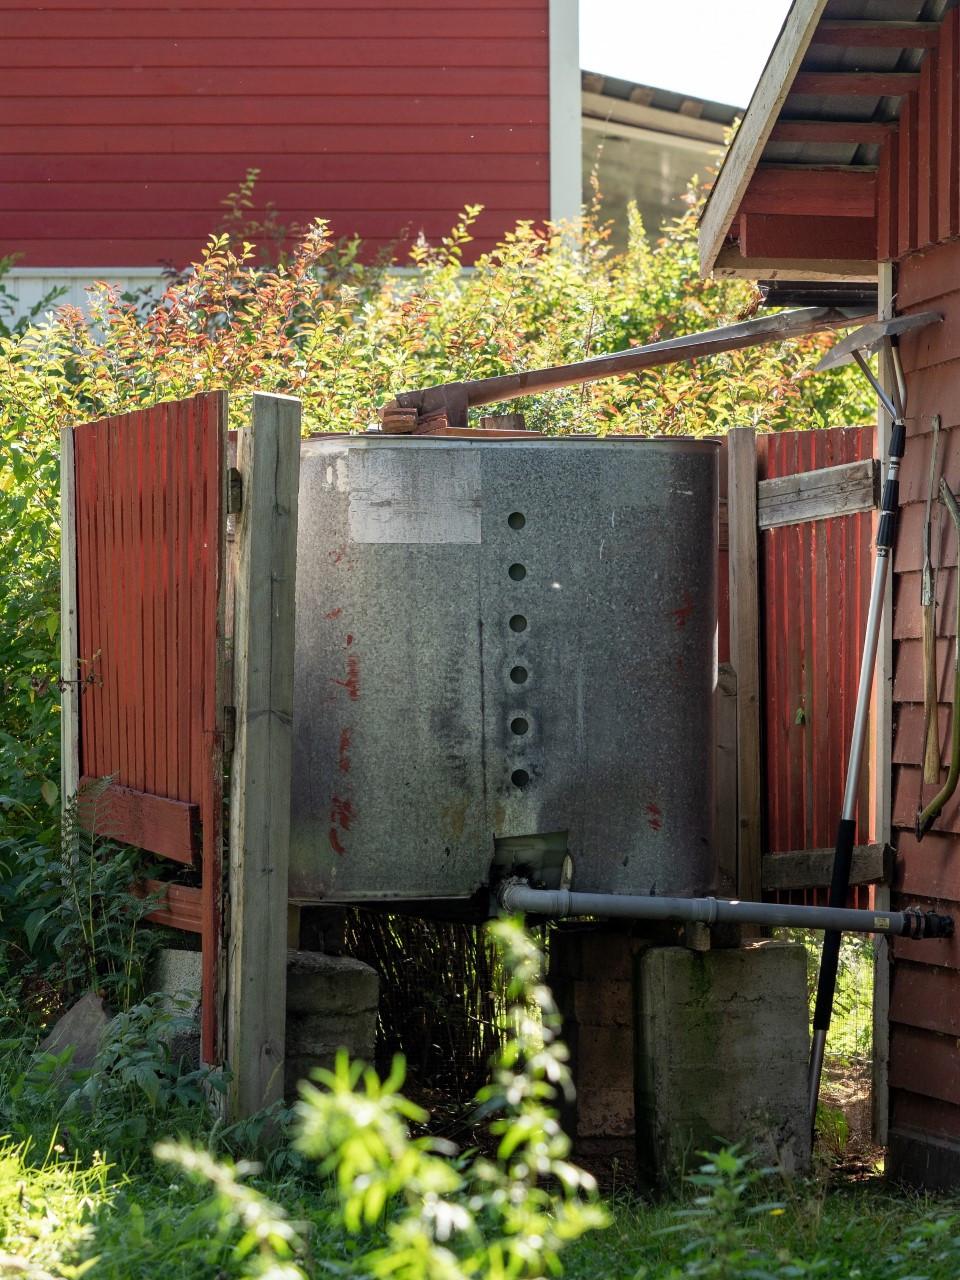 Sadeveden kerääminen vesikouruist. Vesi johdetaan putkesta saunaan